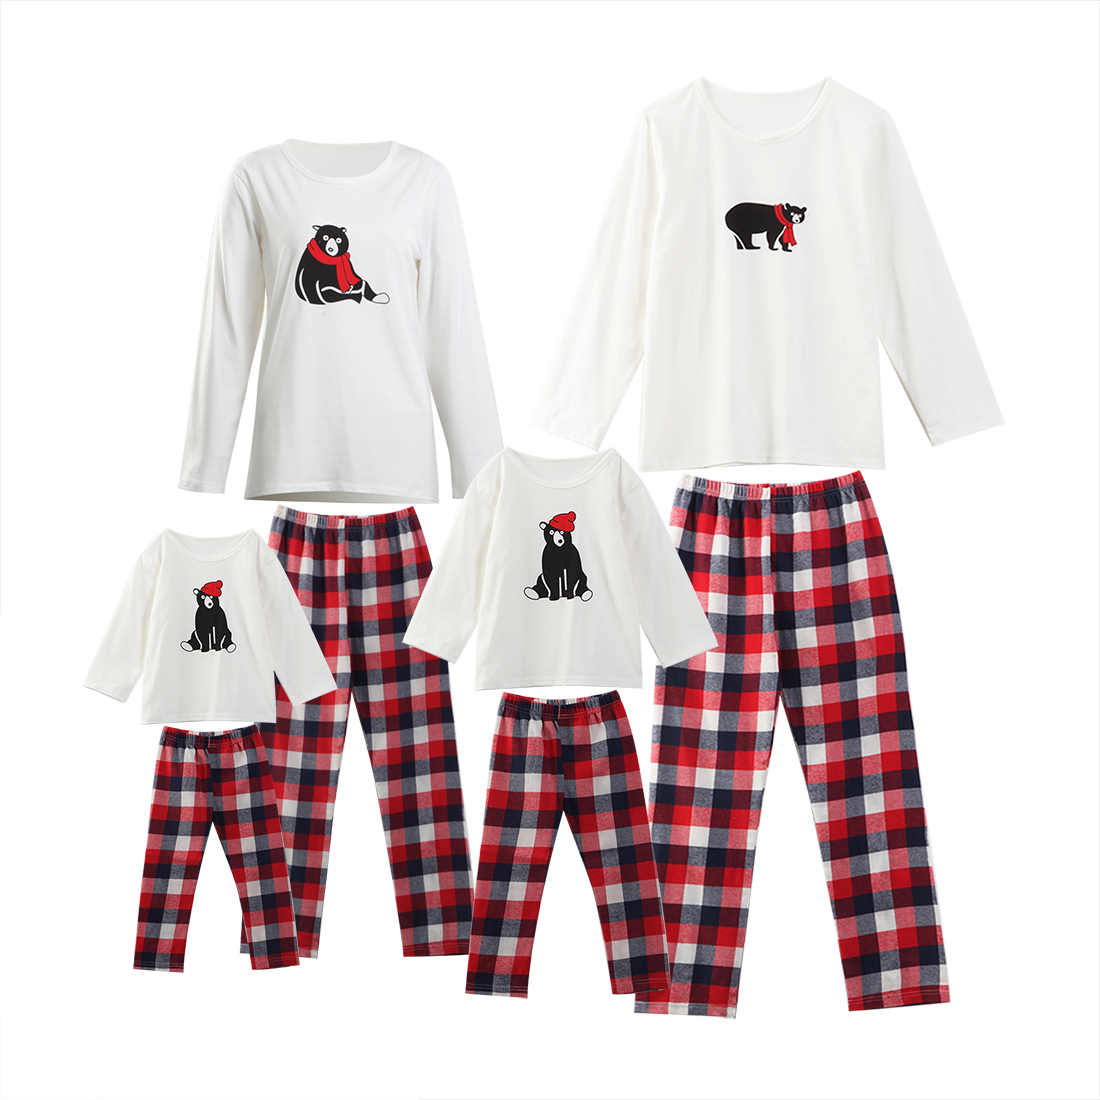 8dcebe94a ... Christmas Santa Claus Family Matching Pajamas Set Sleepwear Nightwear  Pyjamas ...